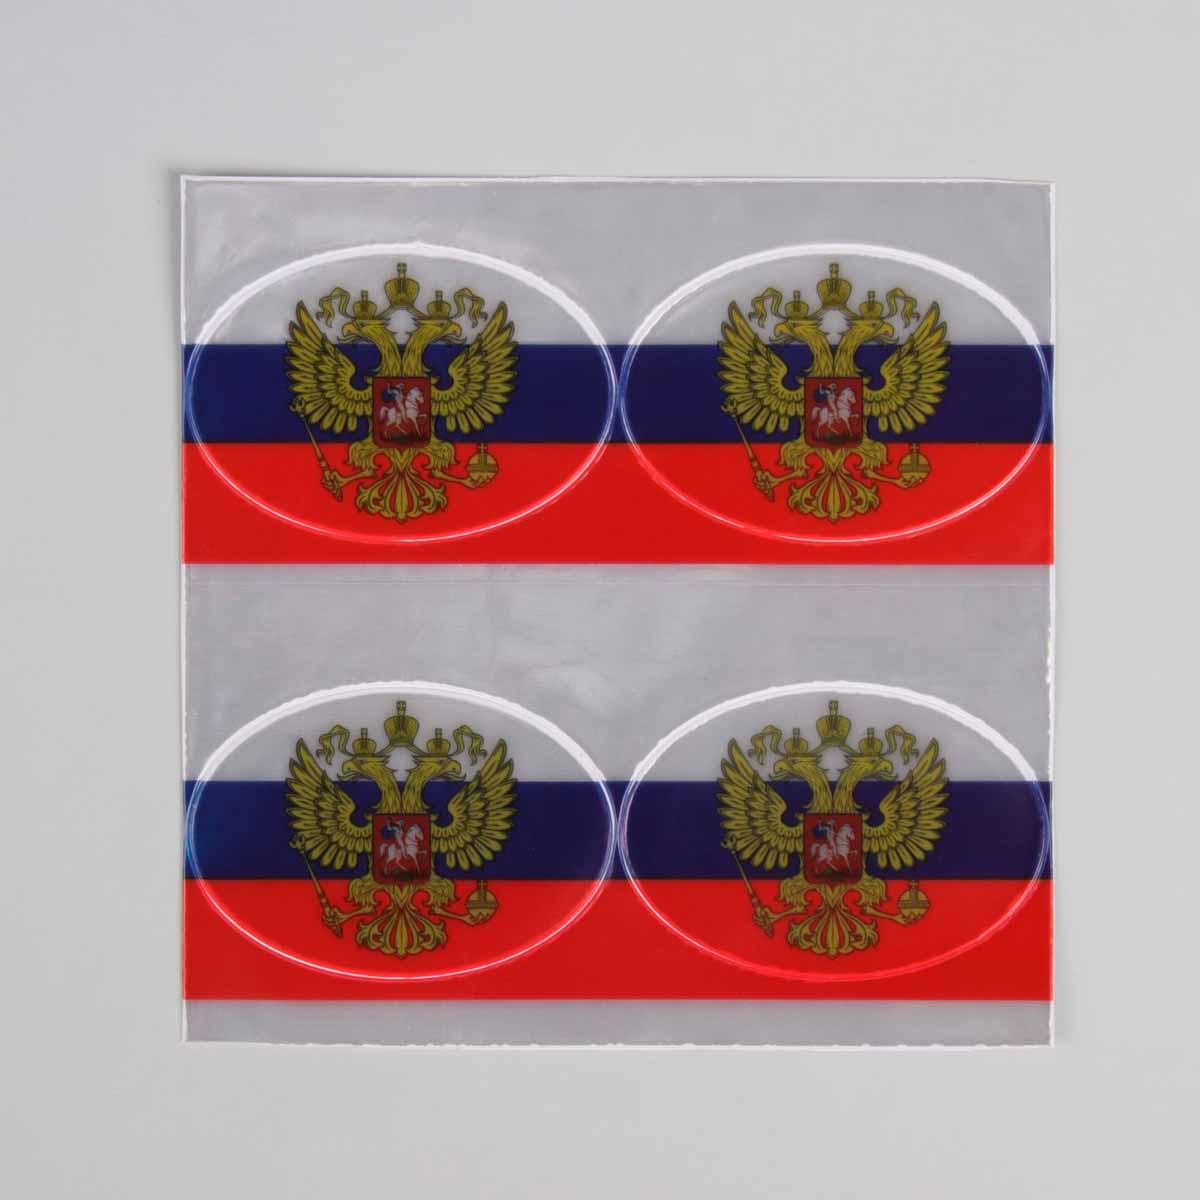 1847938 Светоотражающая наклейка триколор герб овал 7*5см